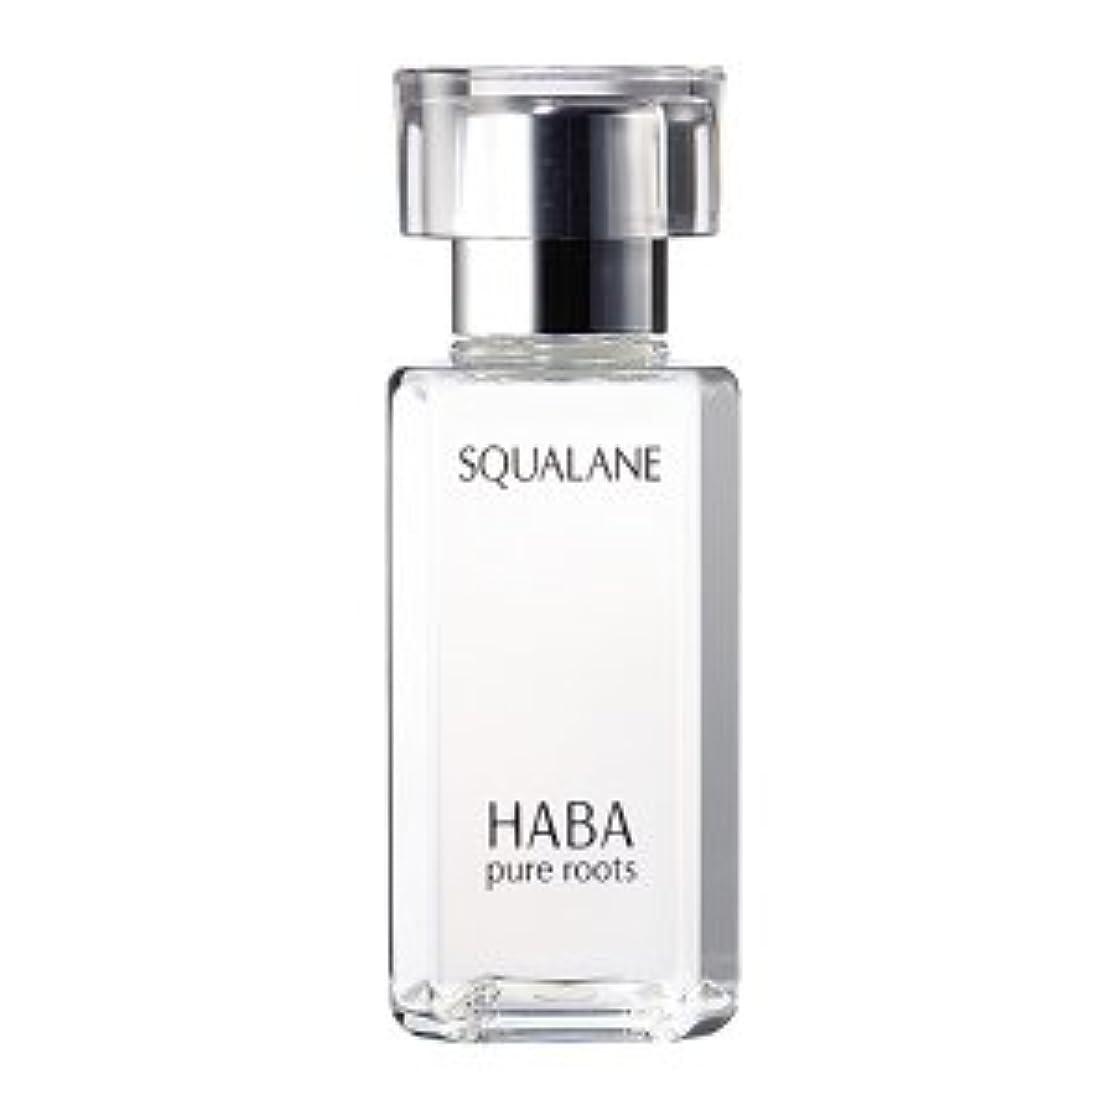 印象的なガイド困惑した高品位スクワラン 60ml HABA ハーバー